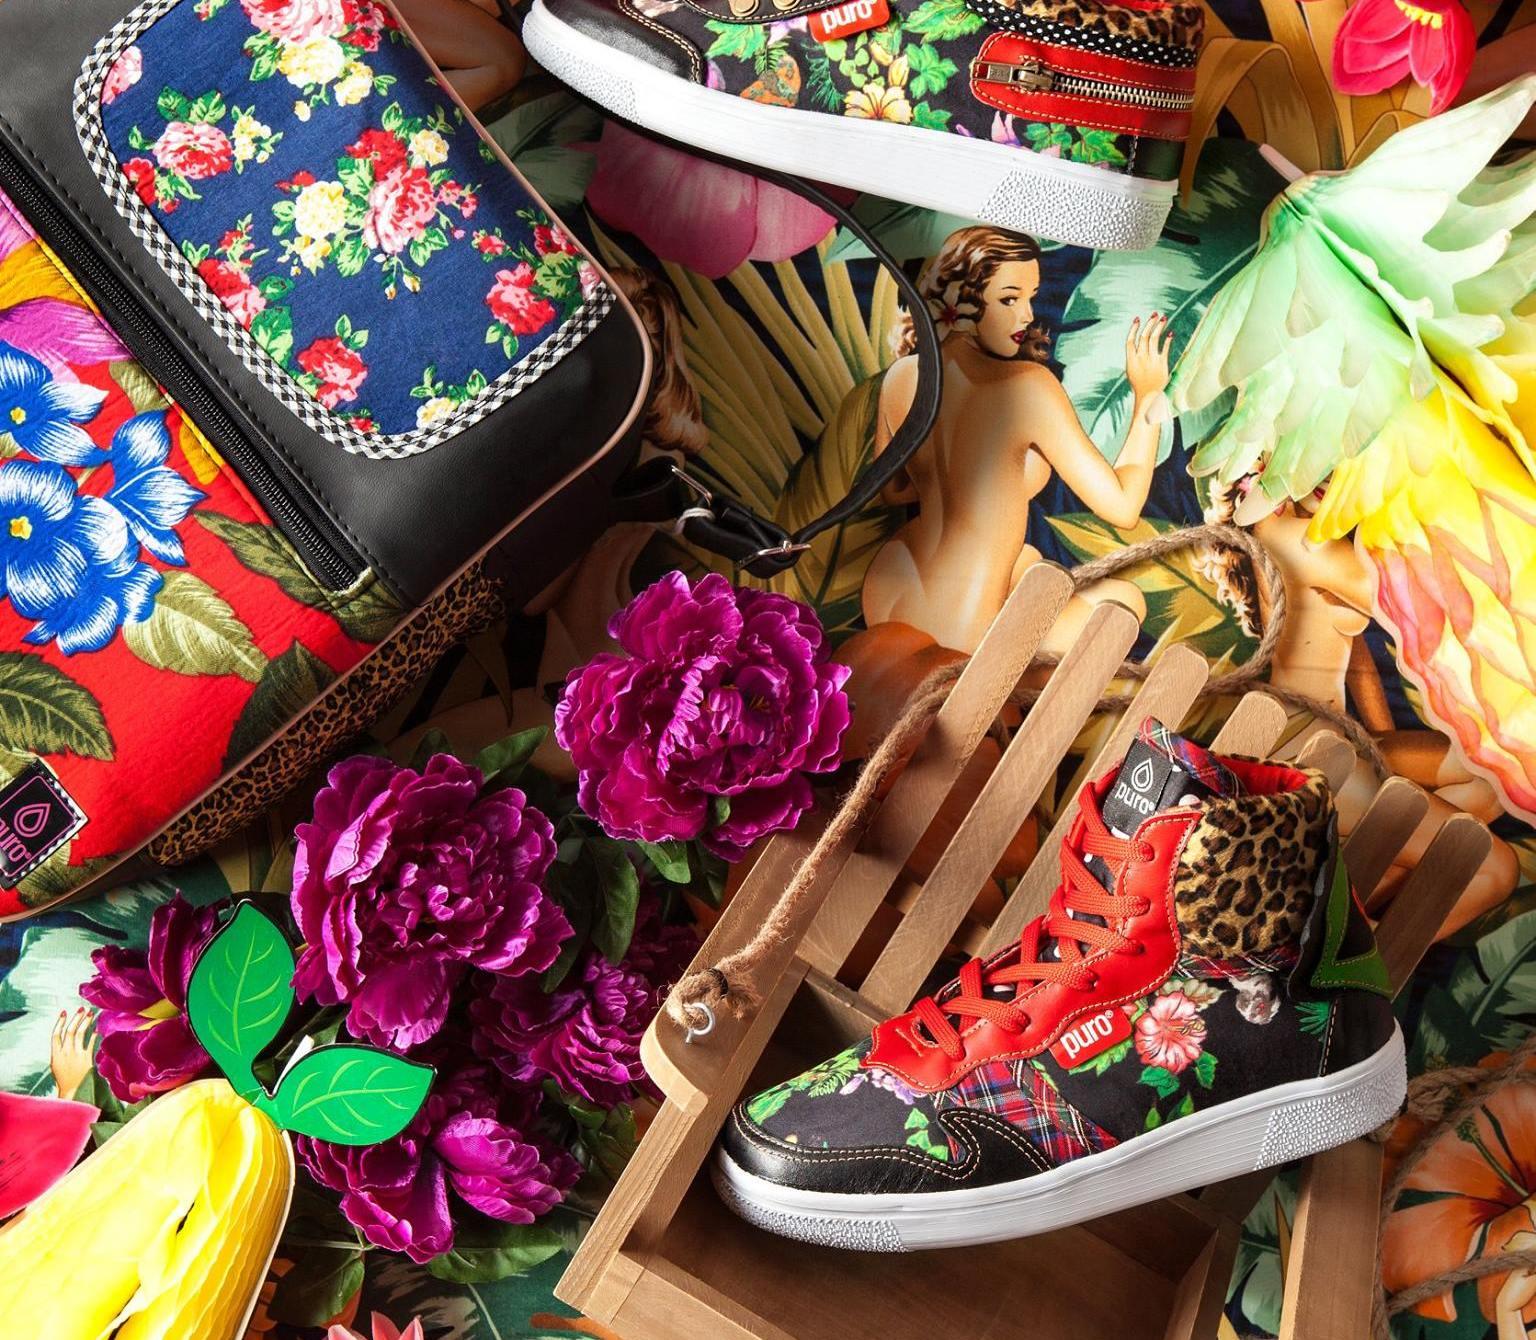 Zapatillas y bolsos Puro. Foto